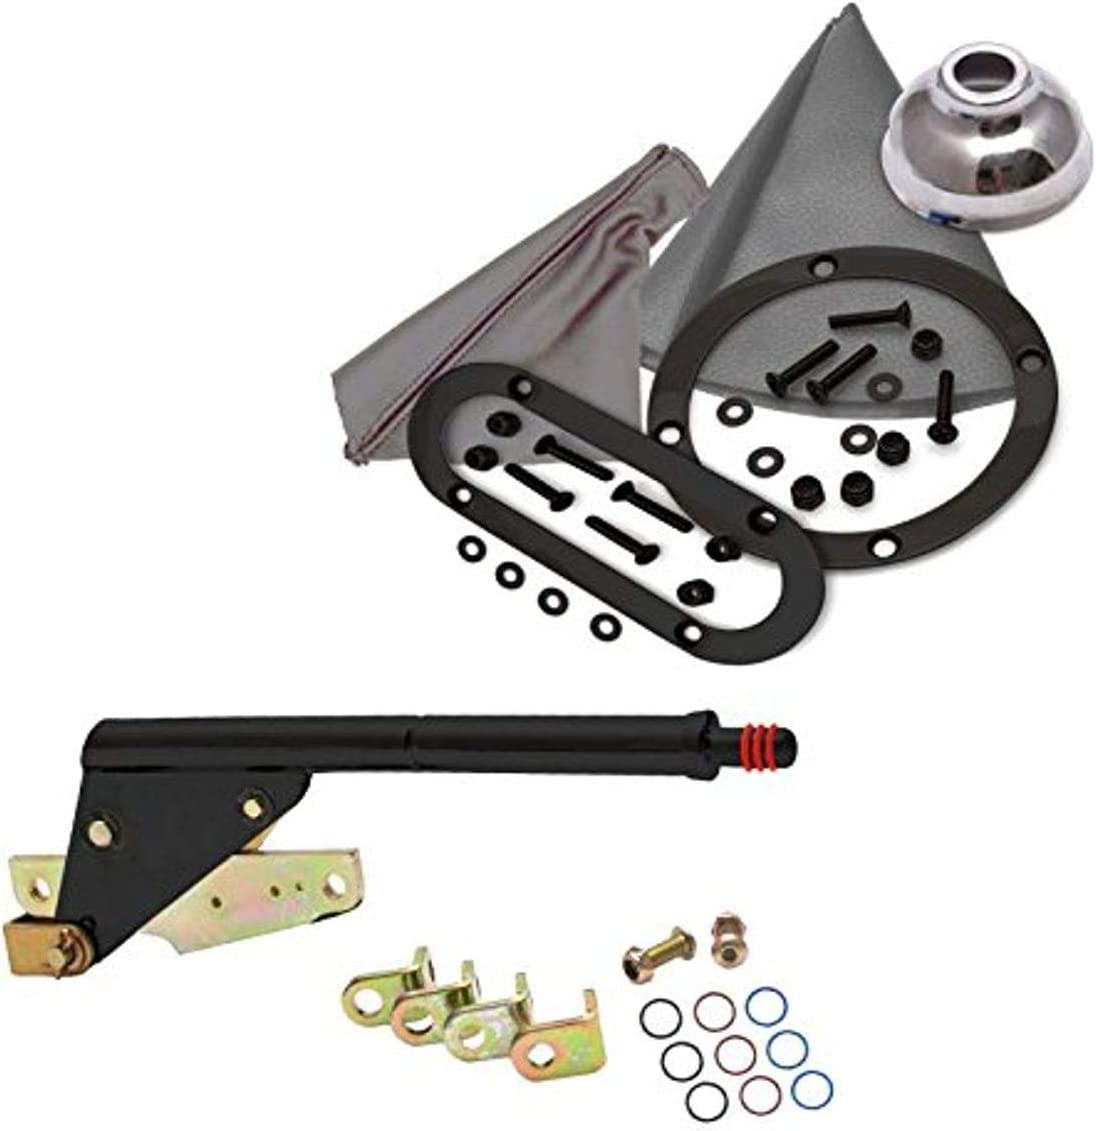 American Shifter Free shipping 397162 Kit 518 Brake 8